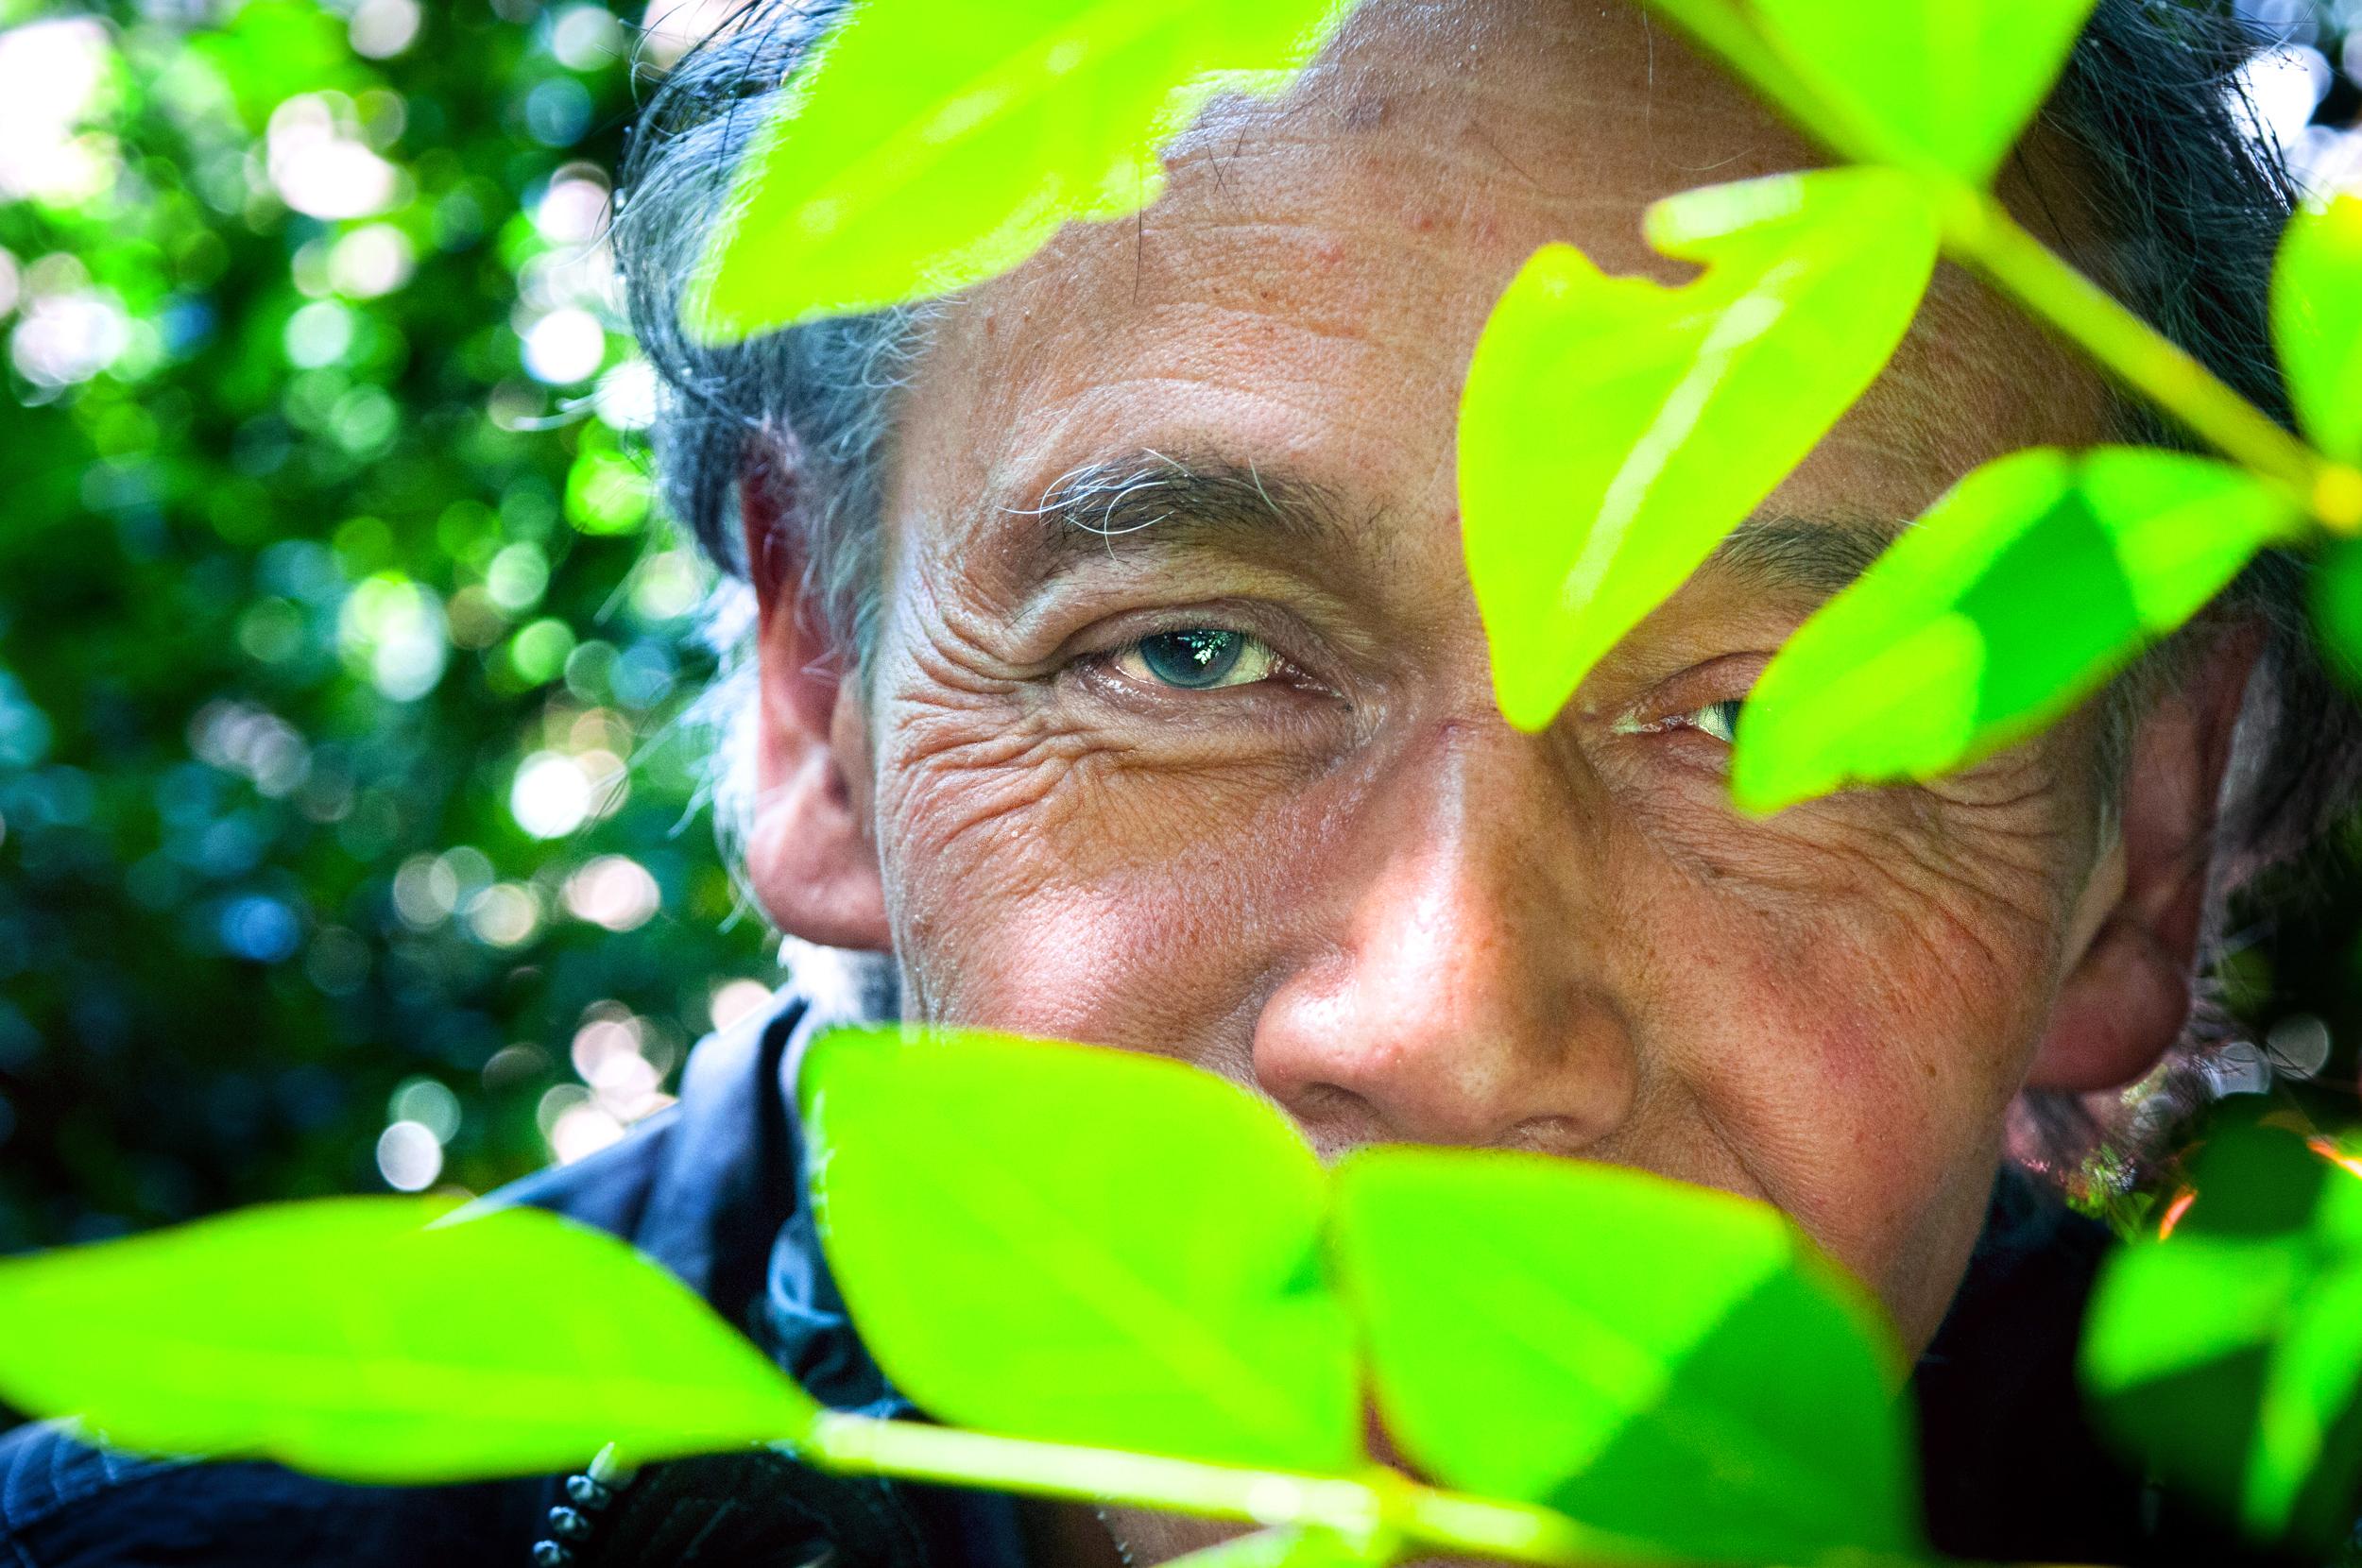 De bladeren zijn mijn huis de regenboog groep - Coulissan deur je dressing bladeren ...